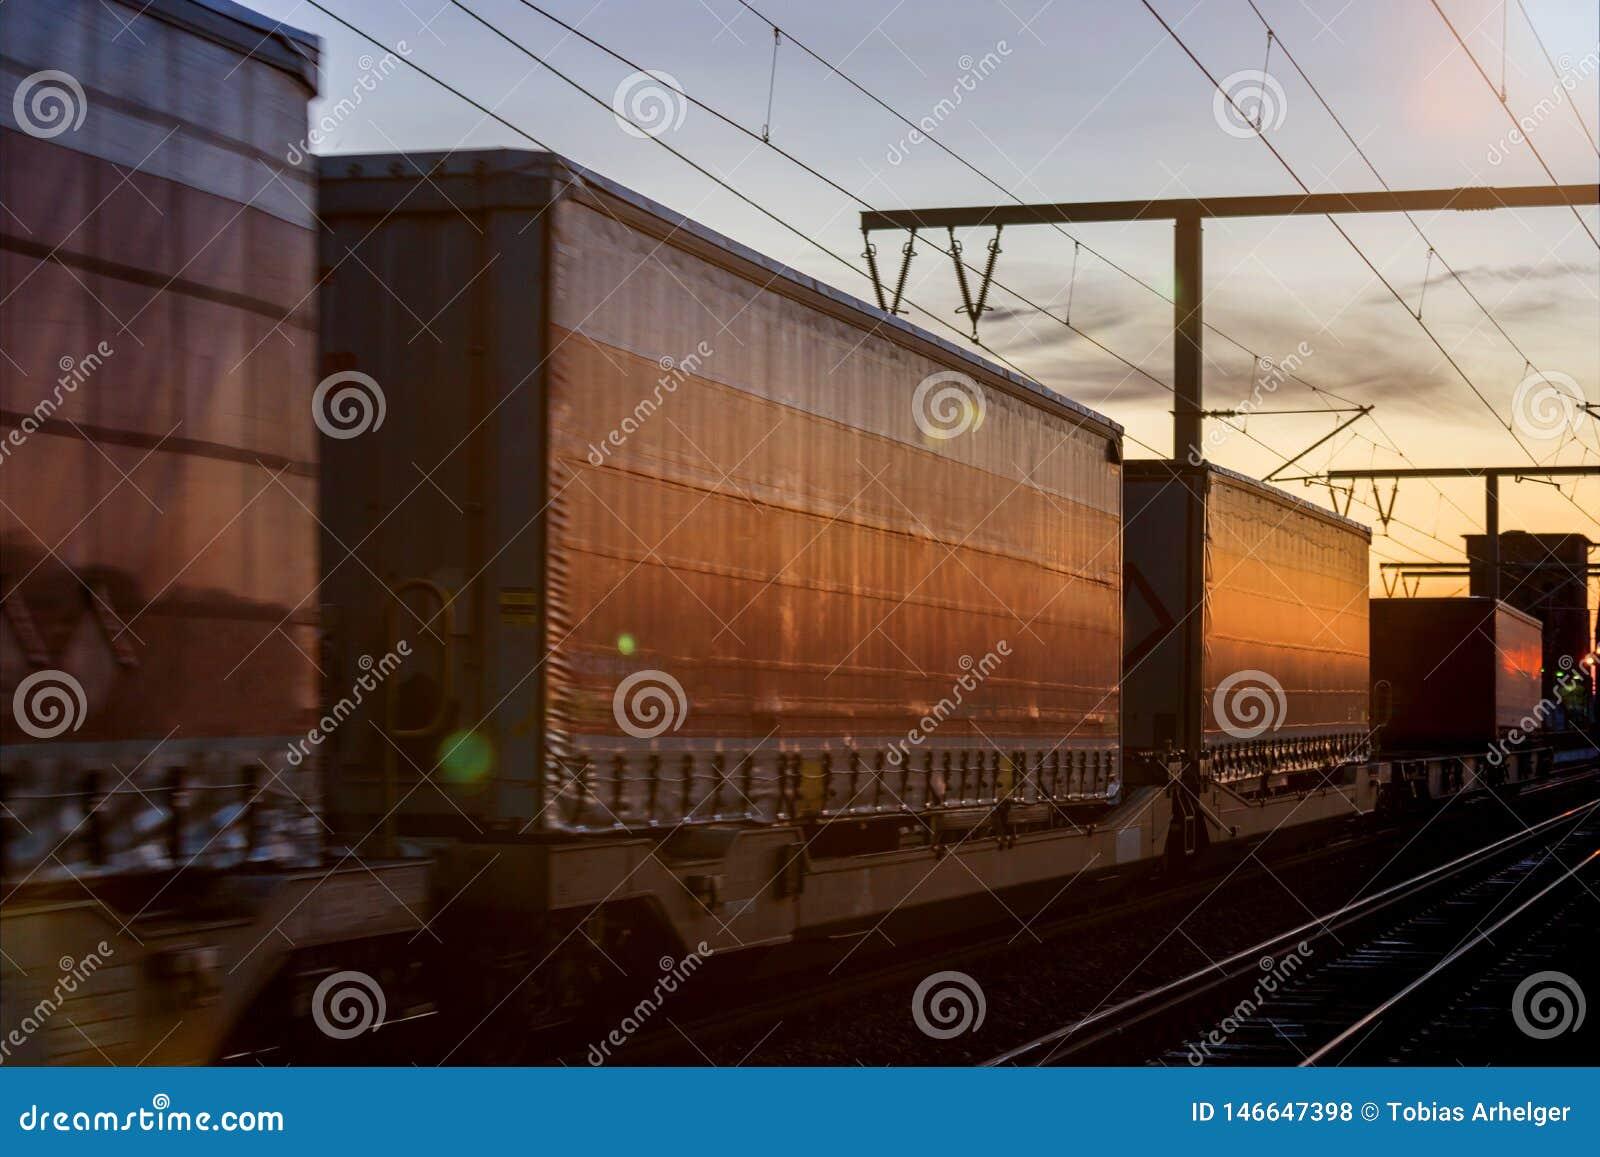 Tren del cargo del envase en el sol de igualación